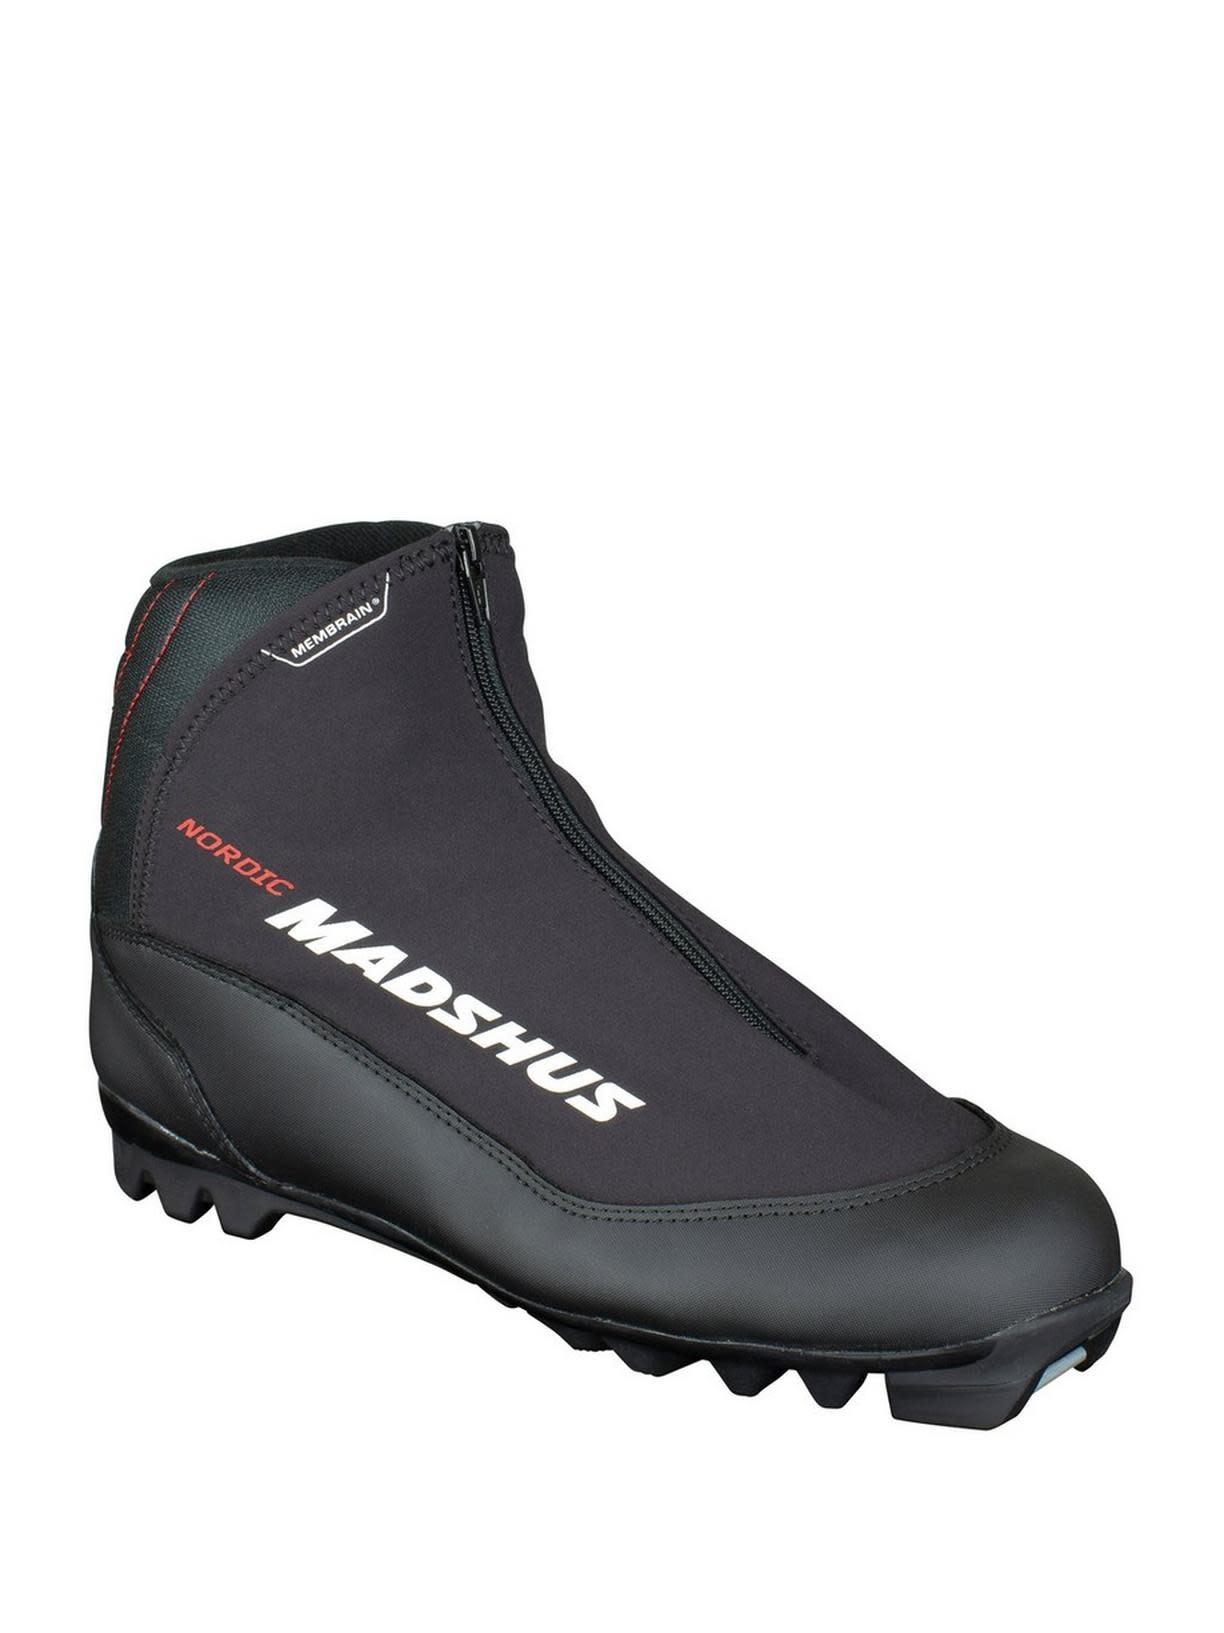 Madshus Madshus Nordic Classic Boot